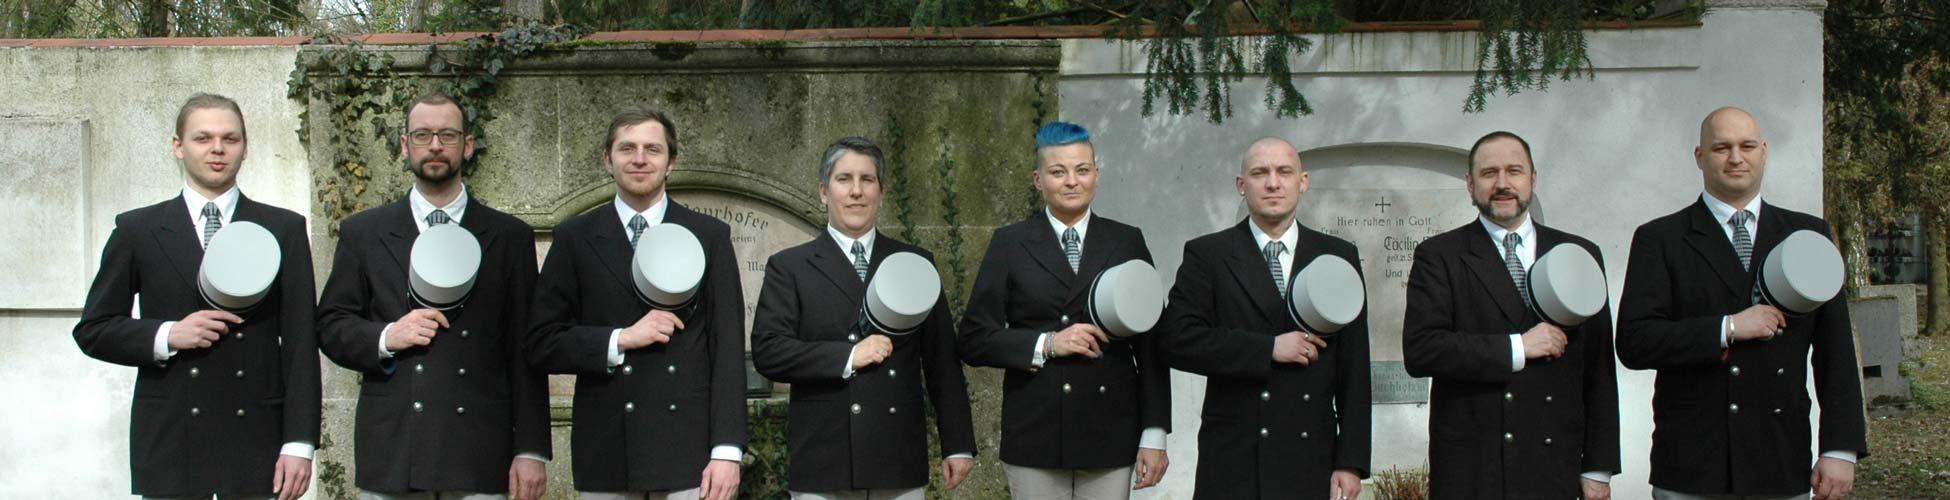 beerdigungsinstitut-komet-team